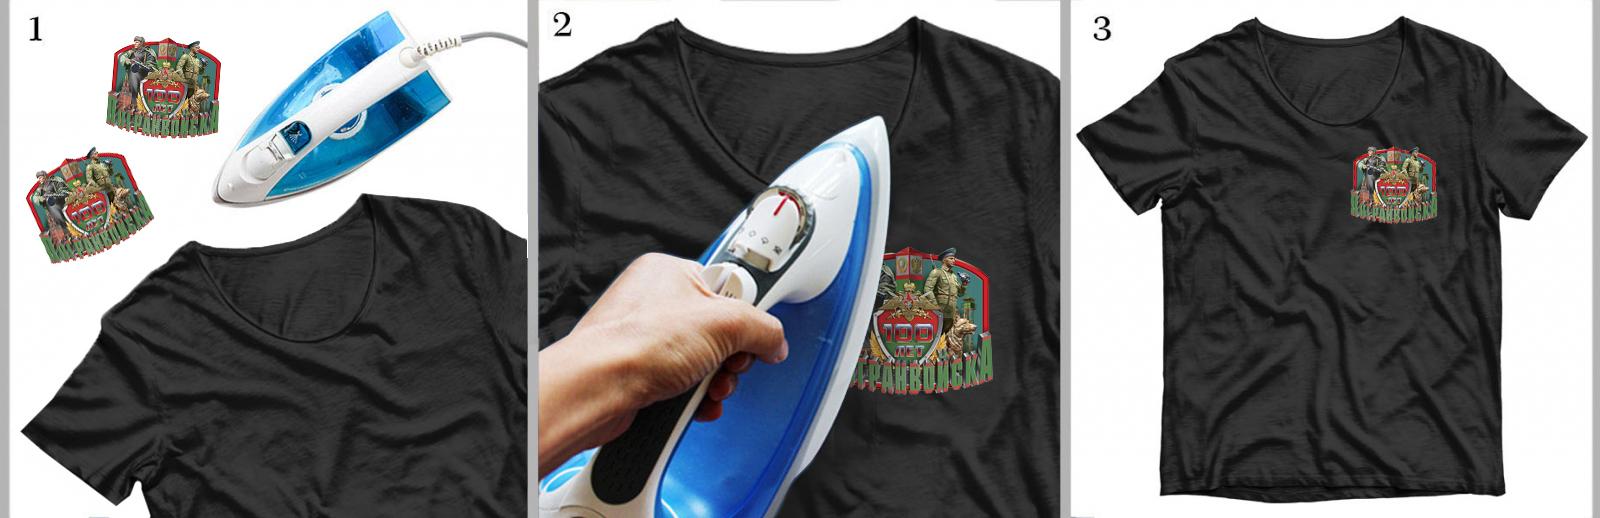 Купить крутую наклейку-термотрансфер на футболку Погранвойска оптом или в розницу